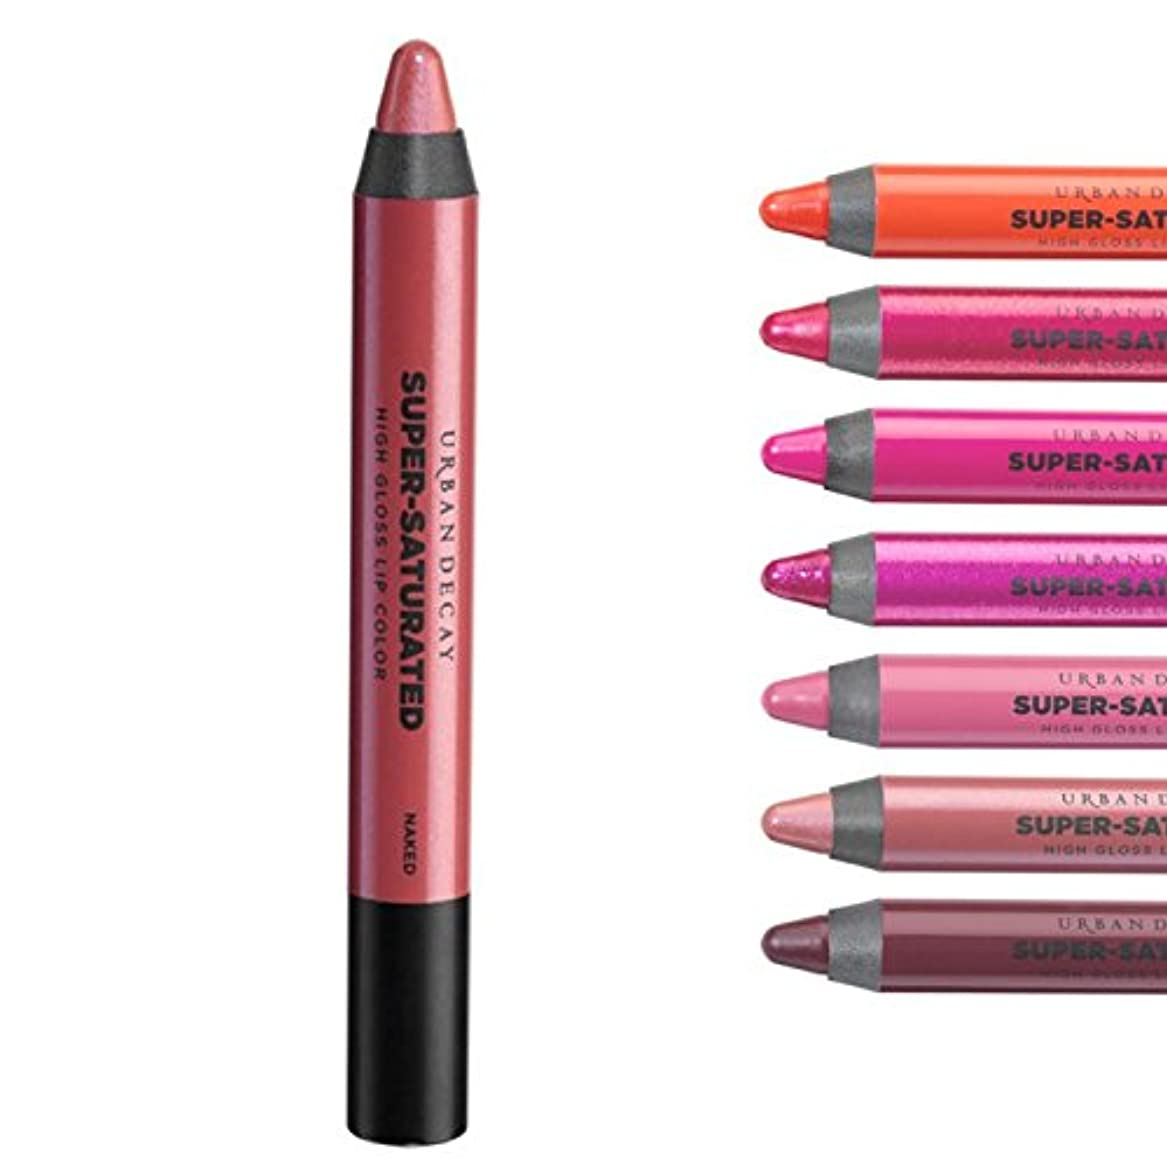 祝福する発行ヘビーUrban Decay, Super-Saturated High Glossリップカラー... Naked - nude pink sheen  [海外直送品] [並行輸入品]